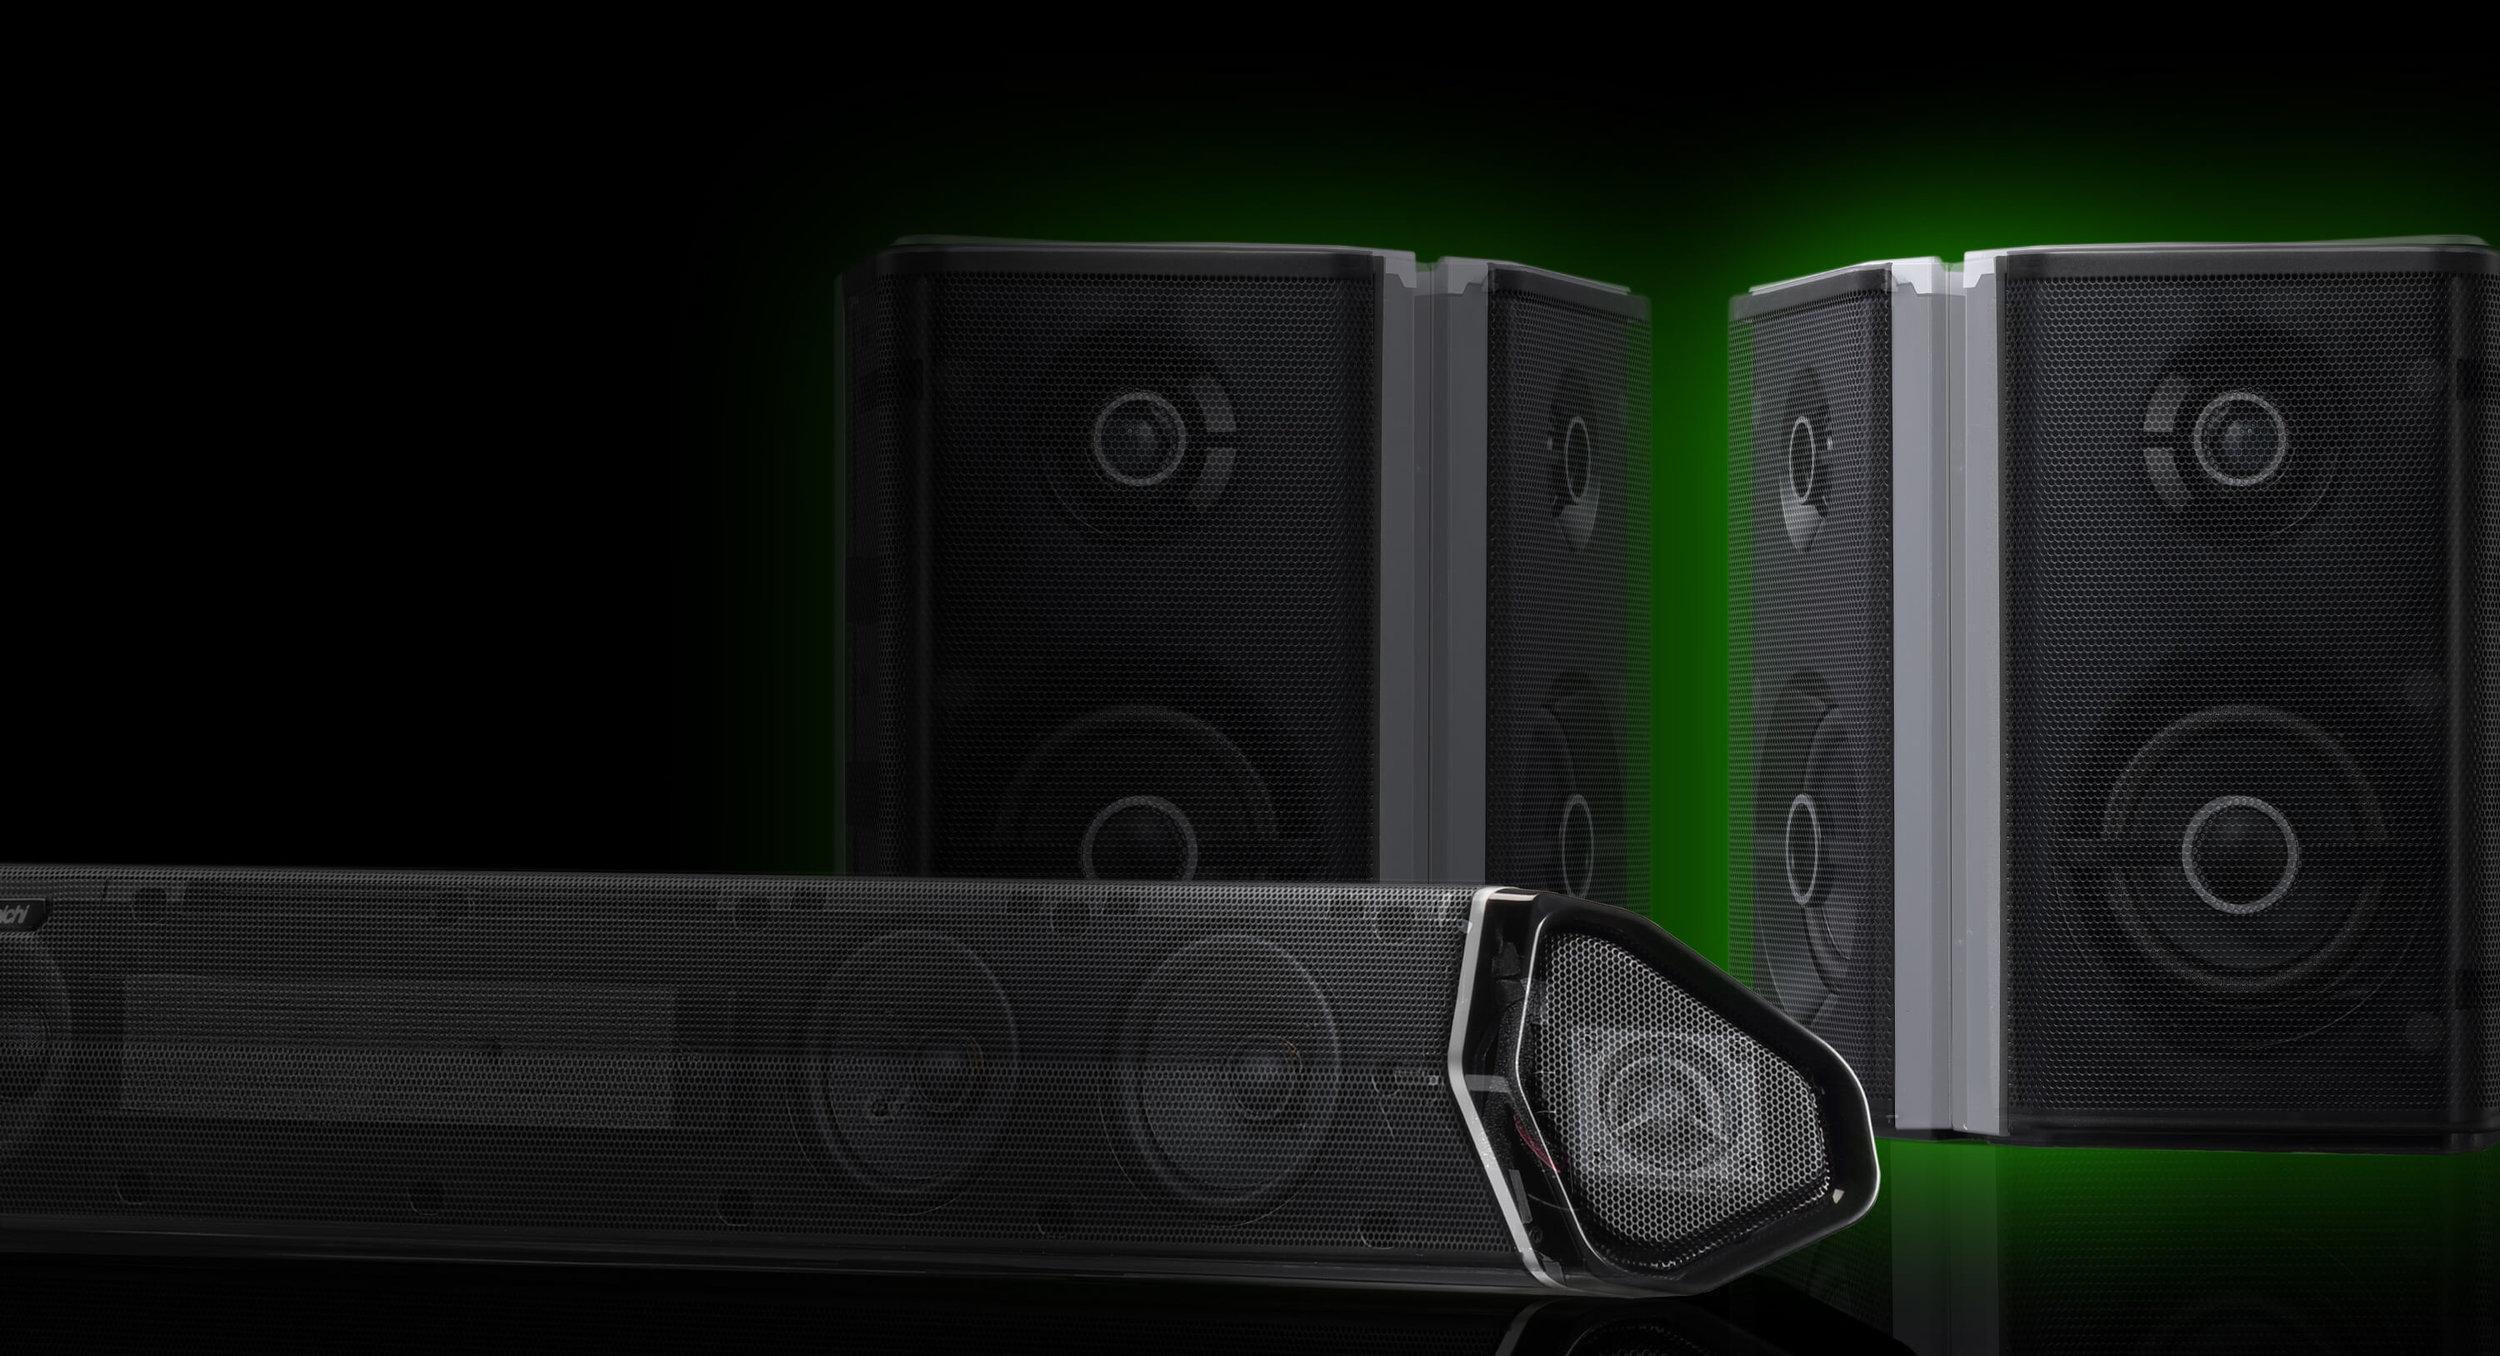 Shockwafe Ultra 9 2 SSE with Dolby Atmos Soundbar | Dual Wireless